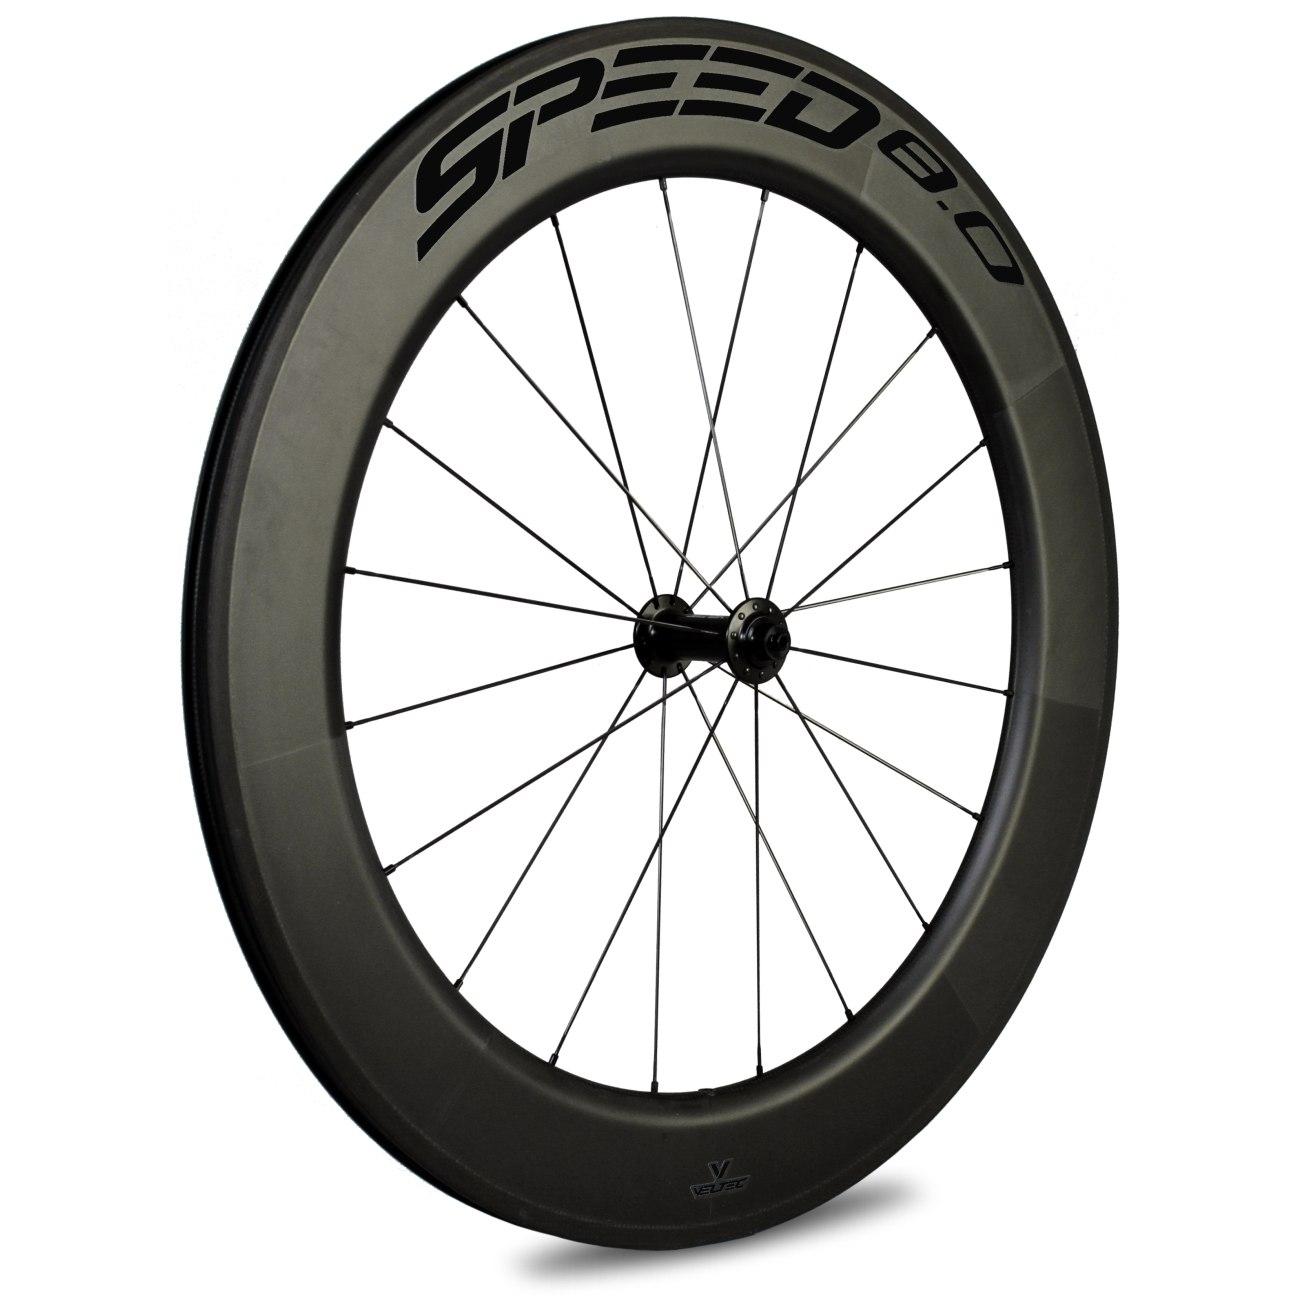 Bild von Veltec Speed 8.0 Carbon Vorderrad - Drahtreifen - QR100 - schwarz mit schwarzen Decals